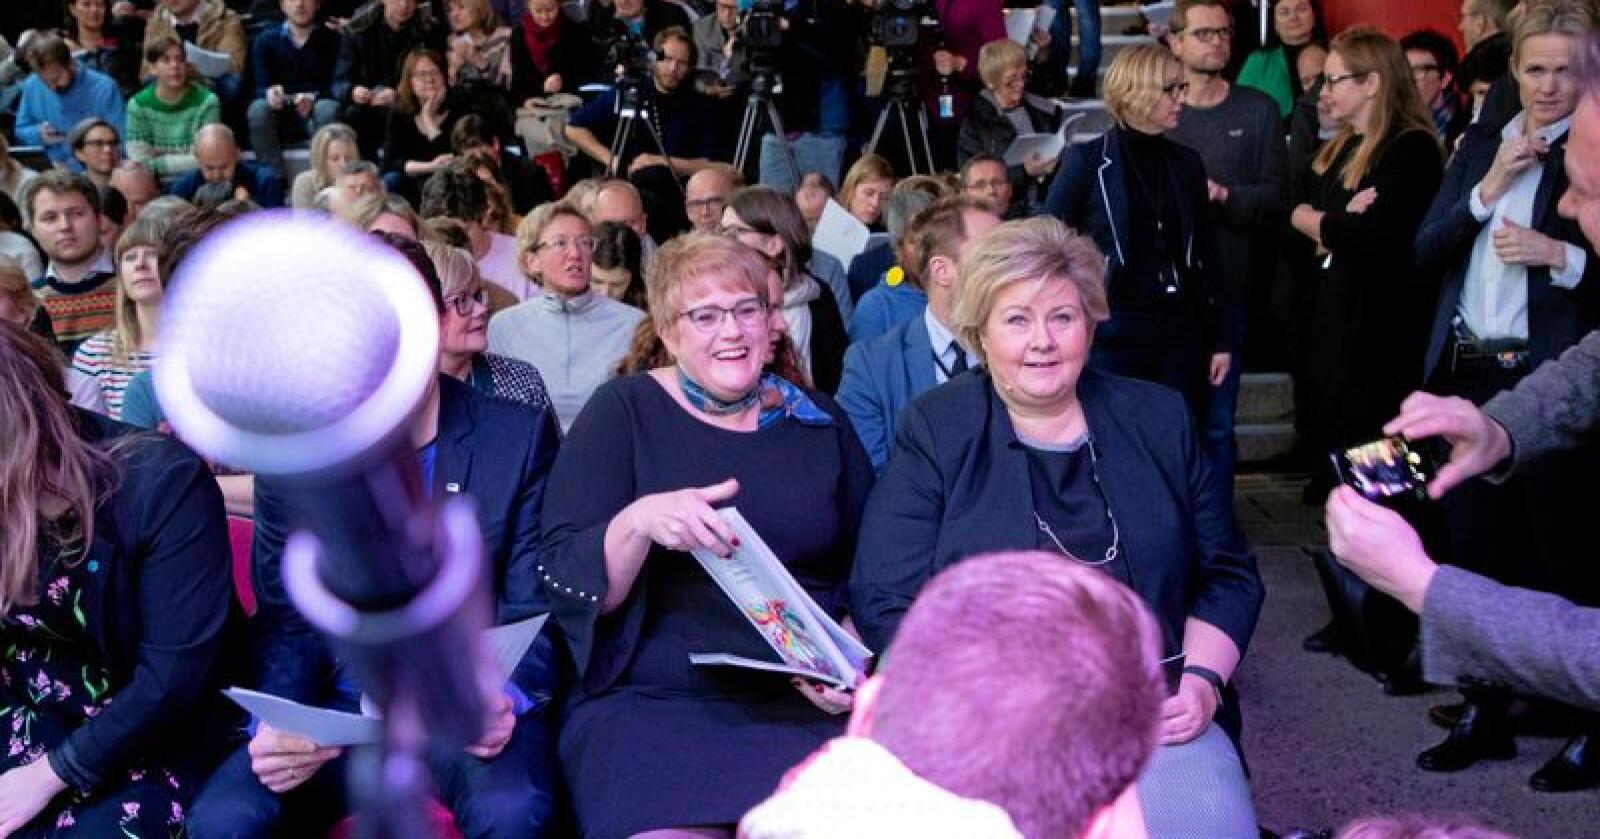 Kulturminister Trine Skei Grande (V) og statsminister Erna Solberg (H) presenterte kulturmeldingen 23. november. Foto: Håkon Mosvold Larsen / NTB scanpix